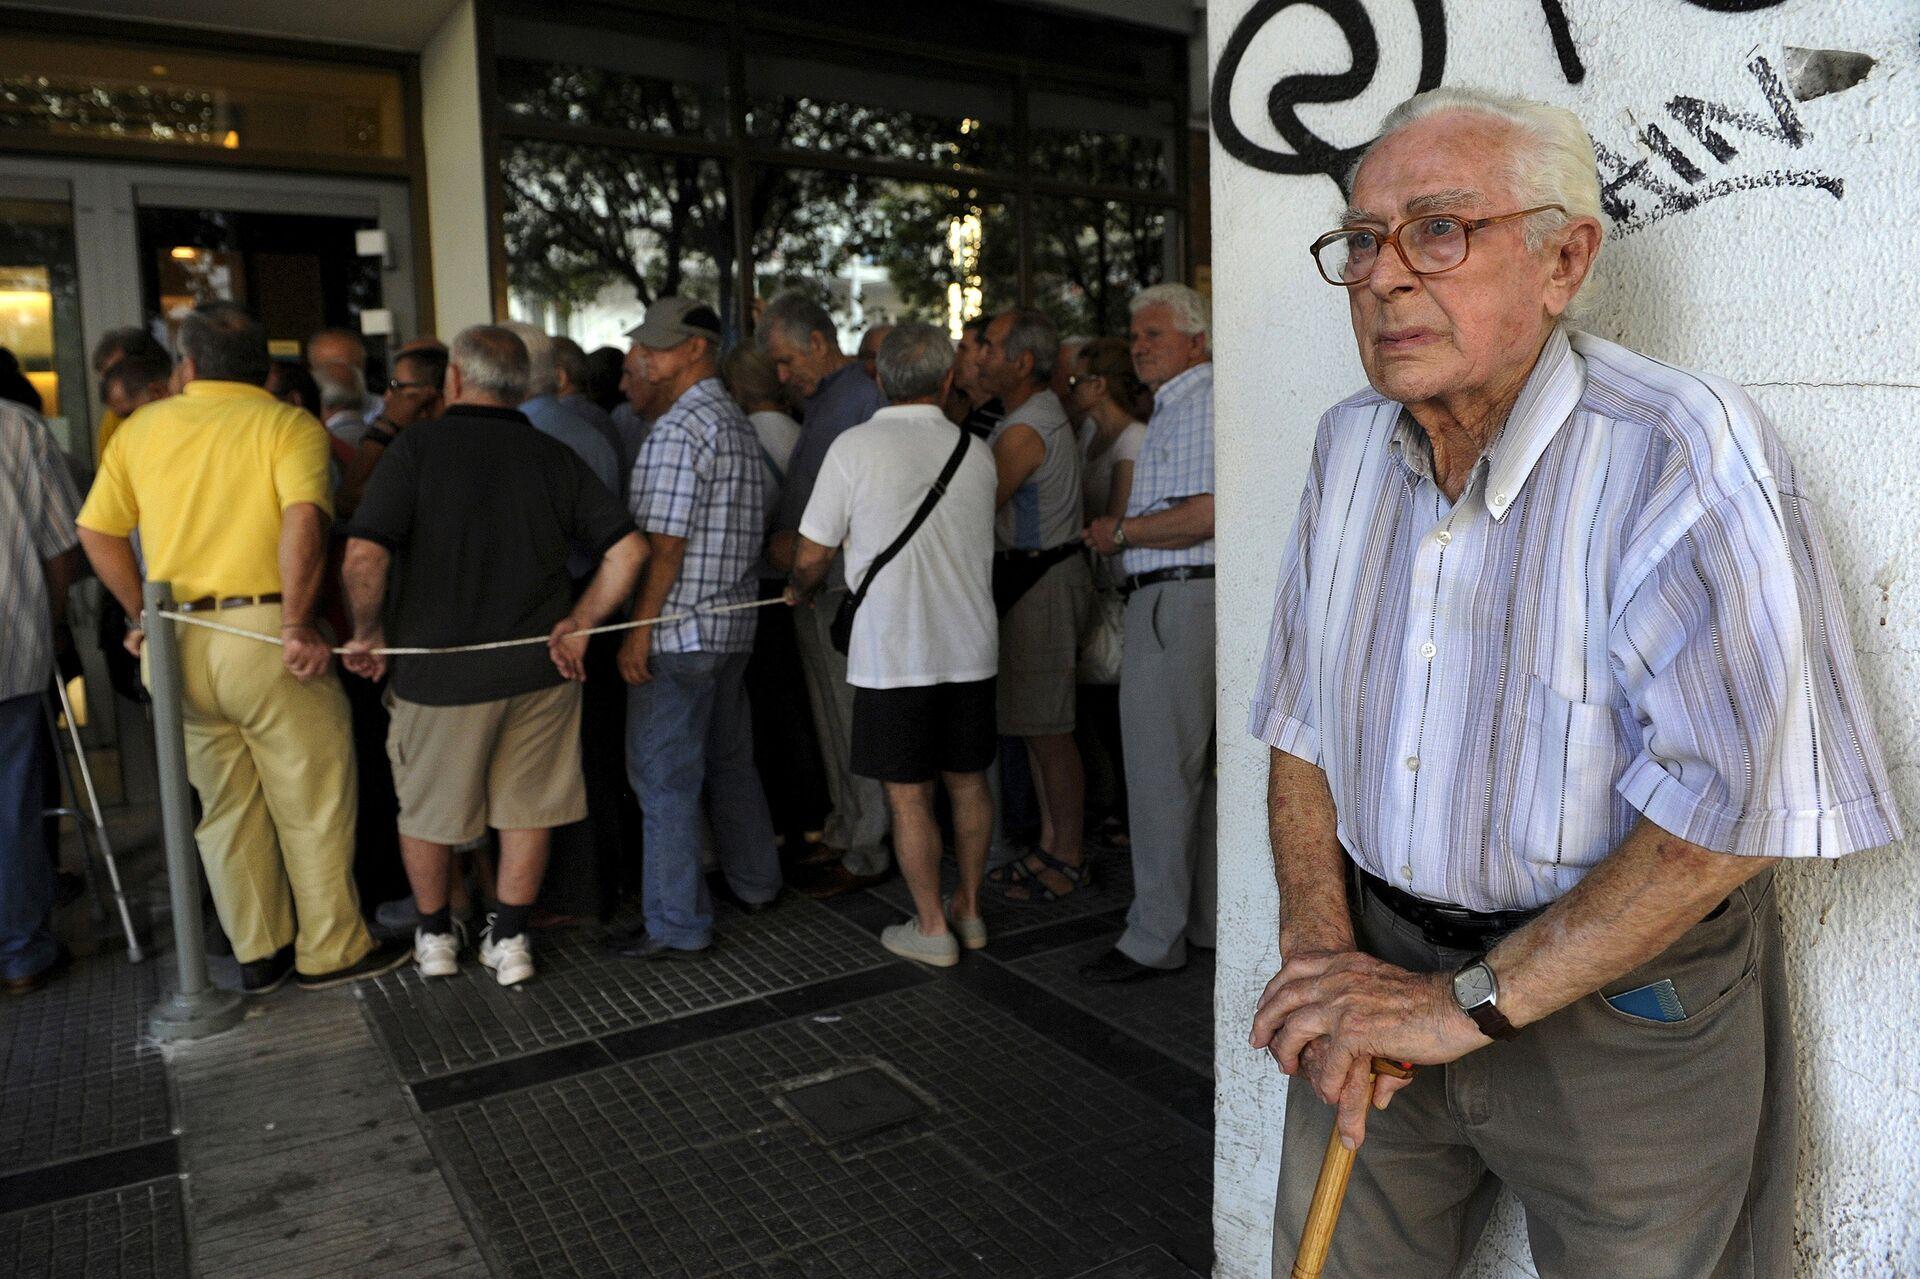 Un pensionato di Atene, il suo sguardo dice tutto - Sputnik Italia, 1920, 11.10.2021